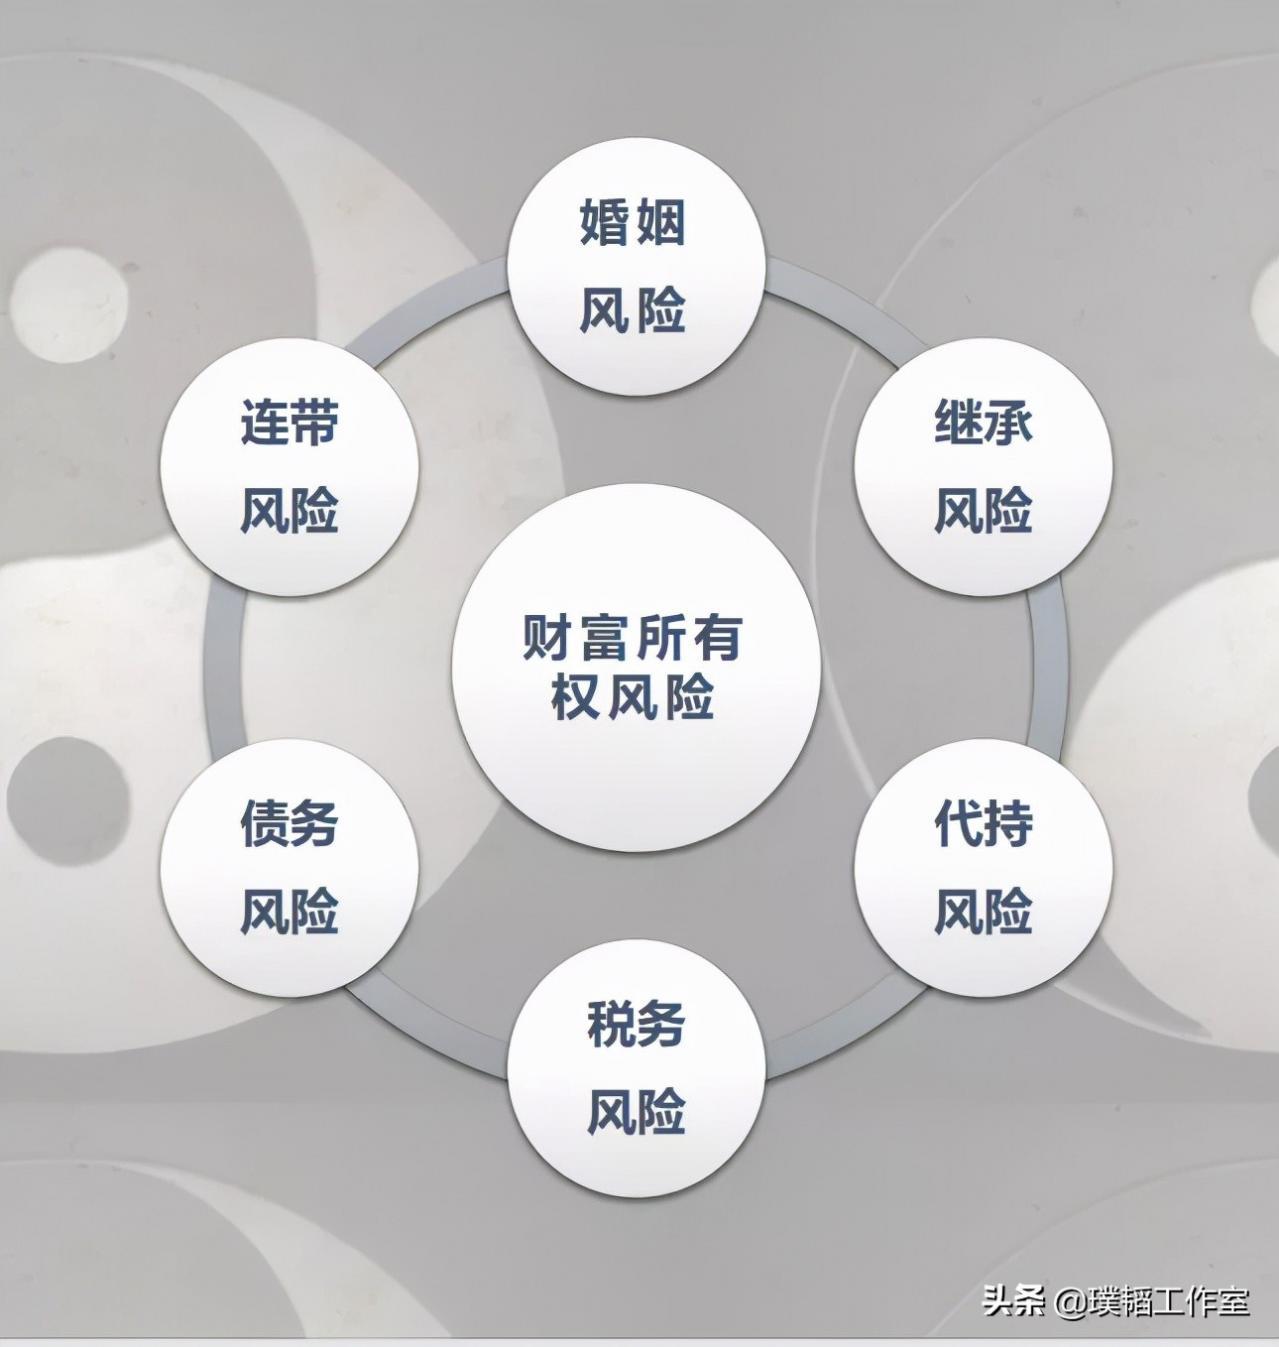 中国遗产税是多少?(继承的房产出售要交20%)